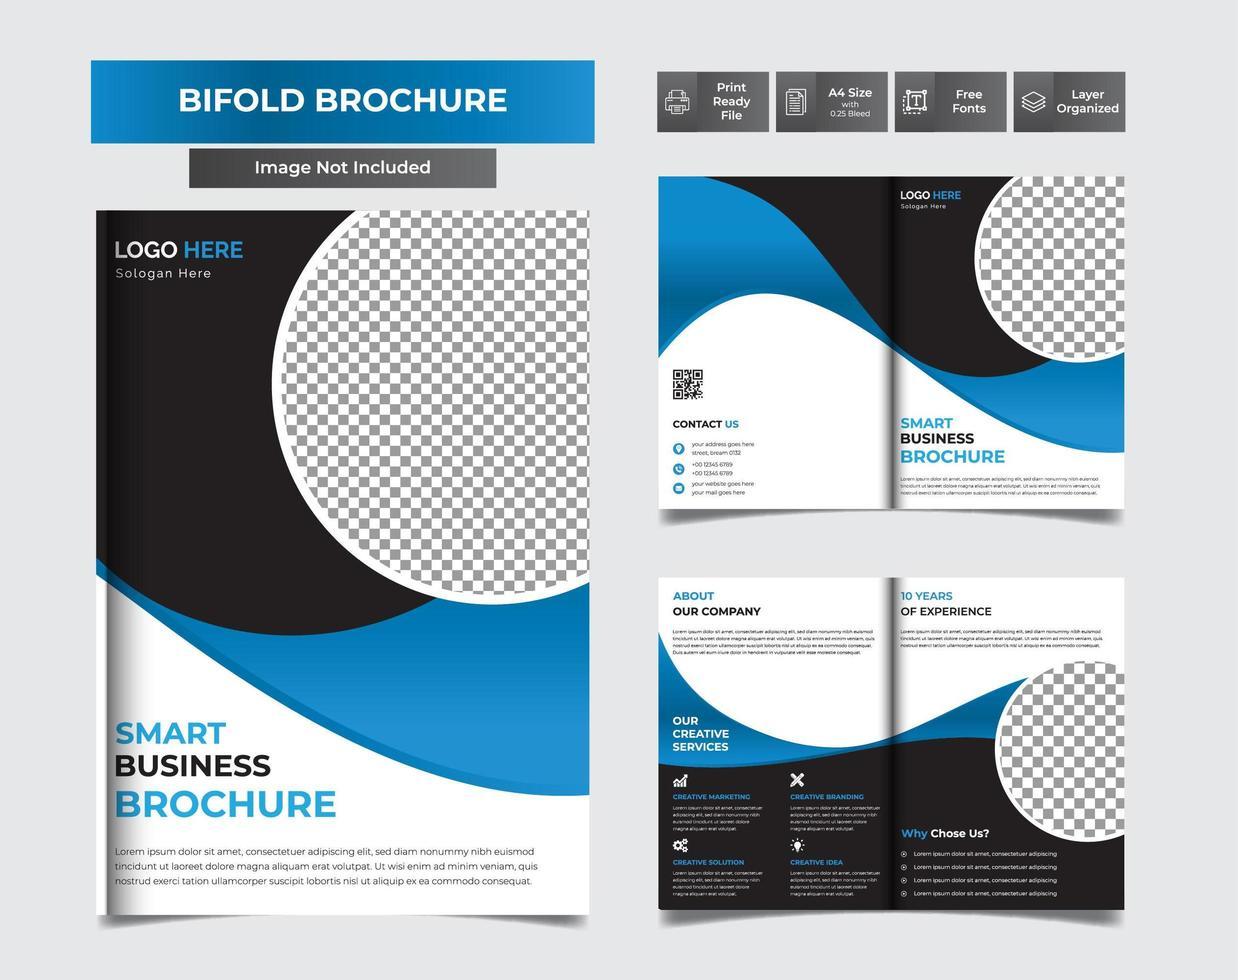 cercle brochure d'entreprise moderne pliante vecteur